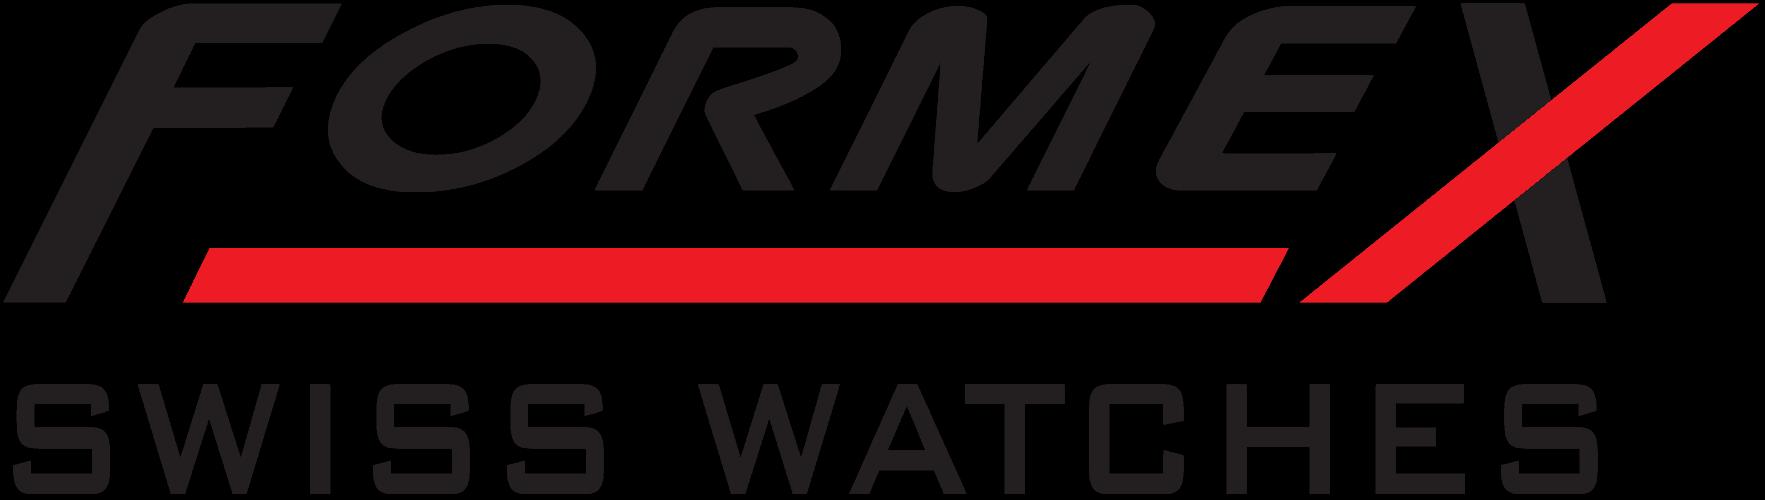 FORMEX-swiss-watches-LOGO-SHADOW